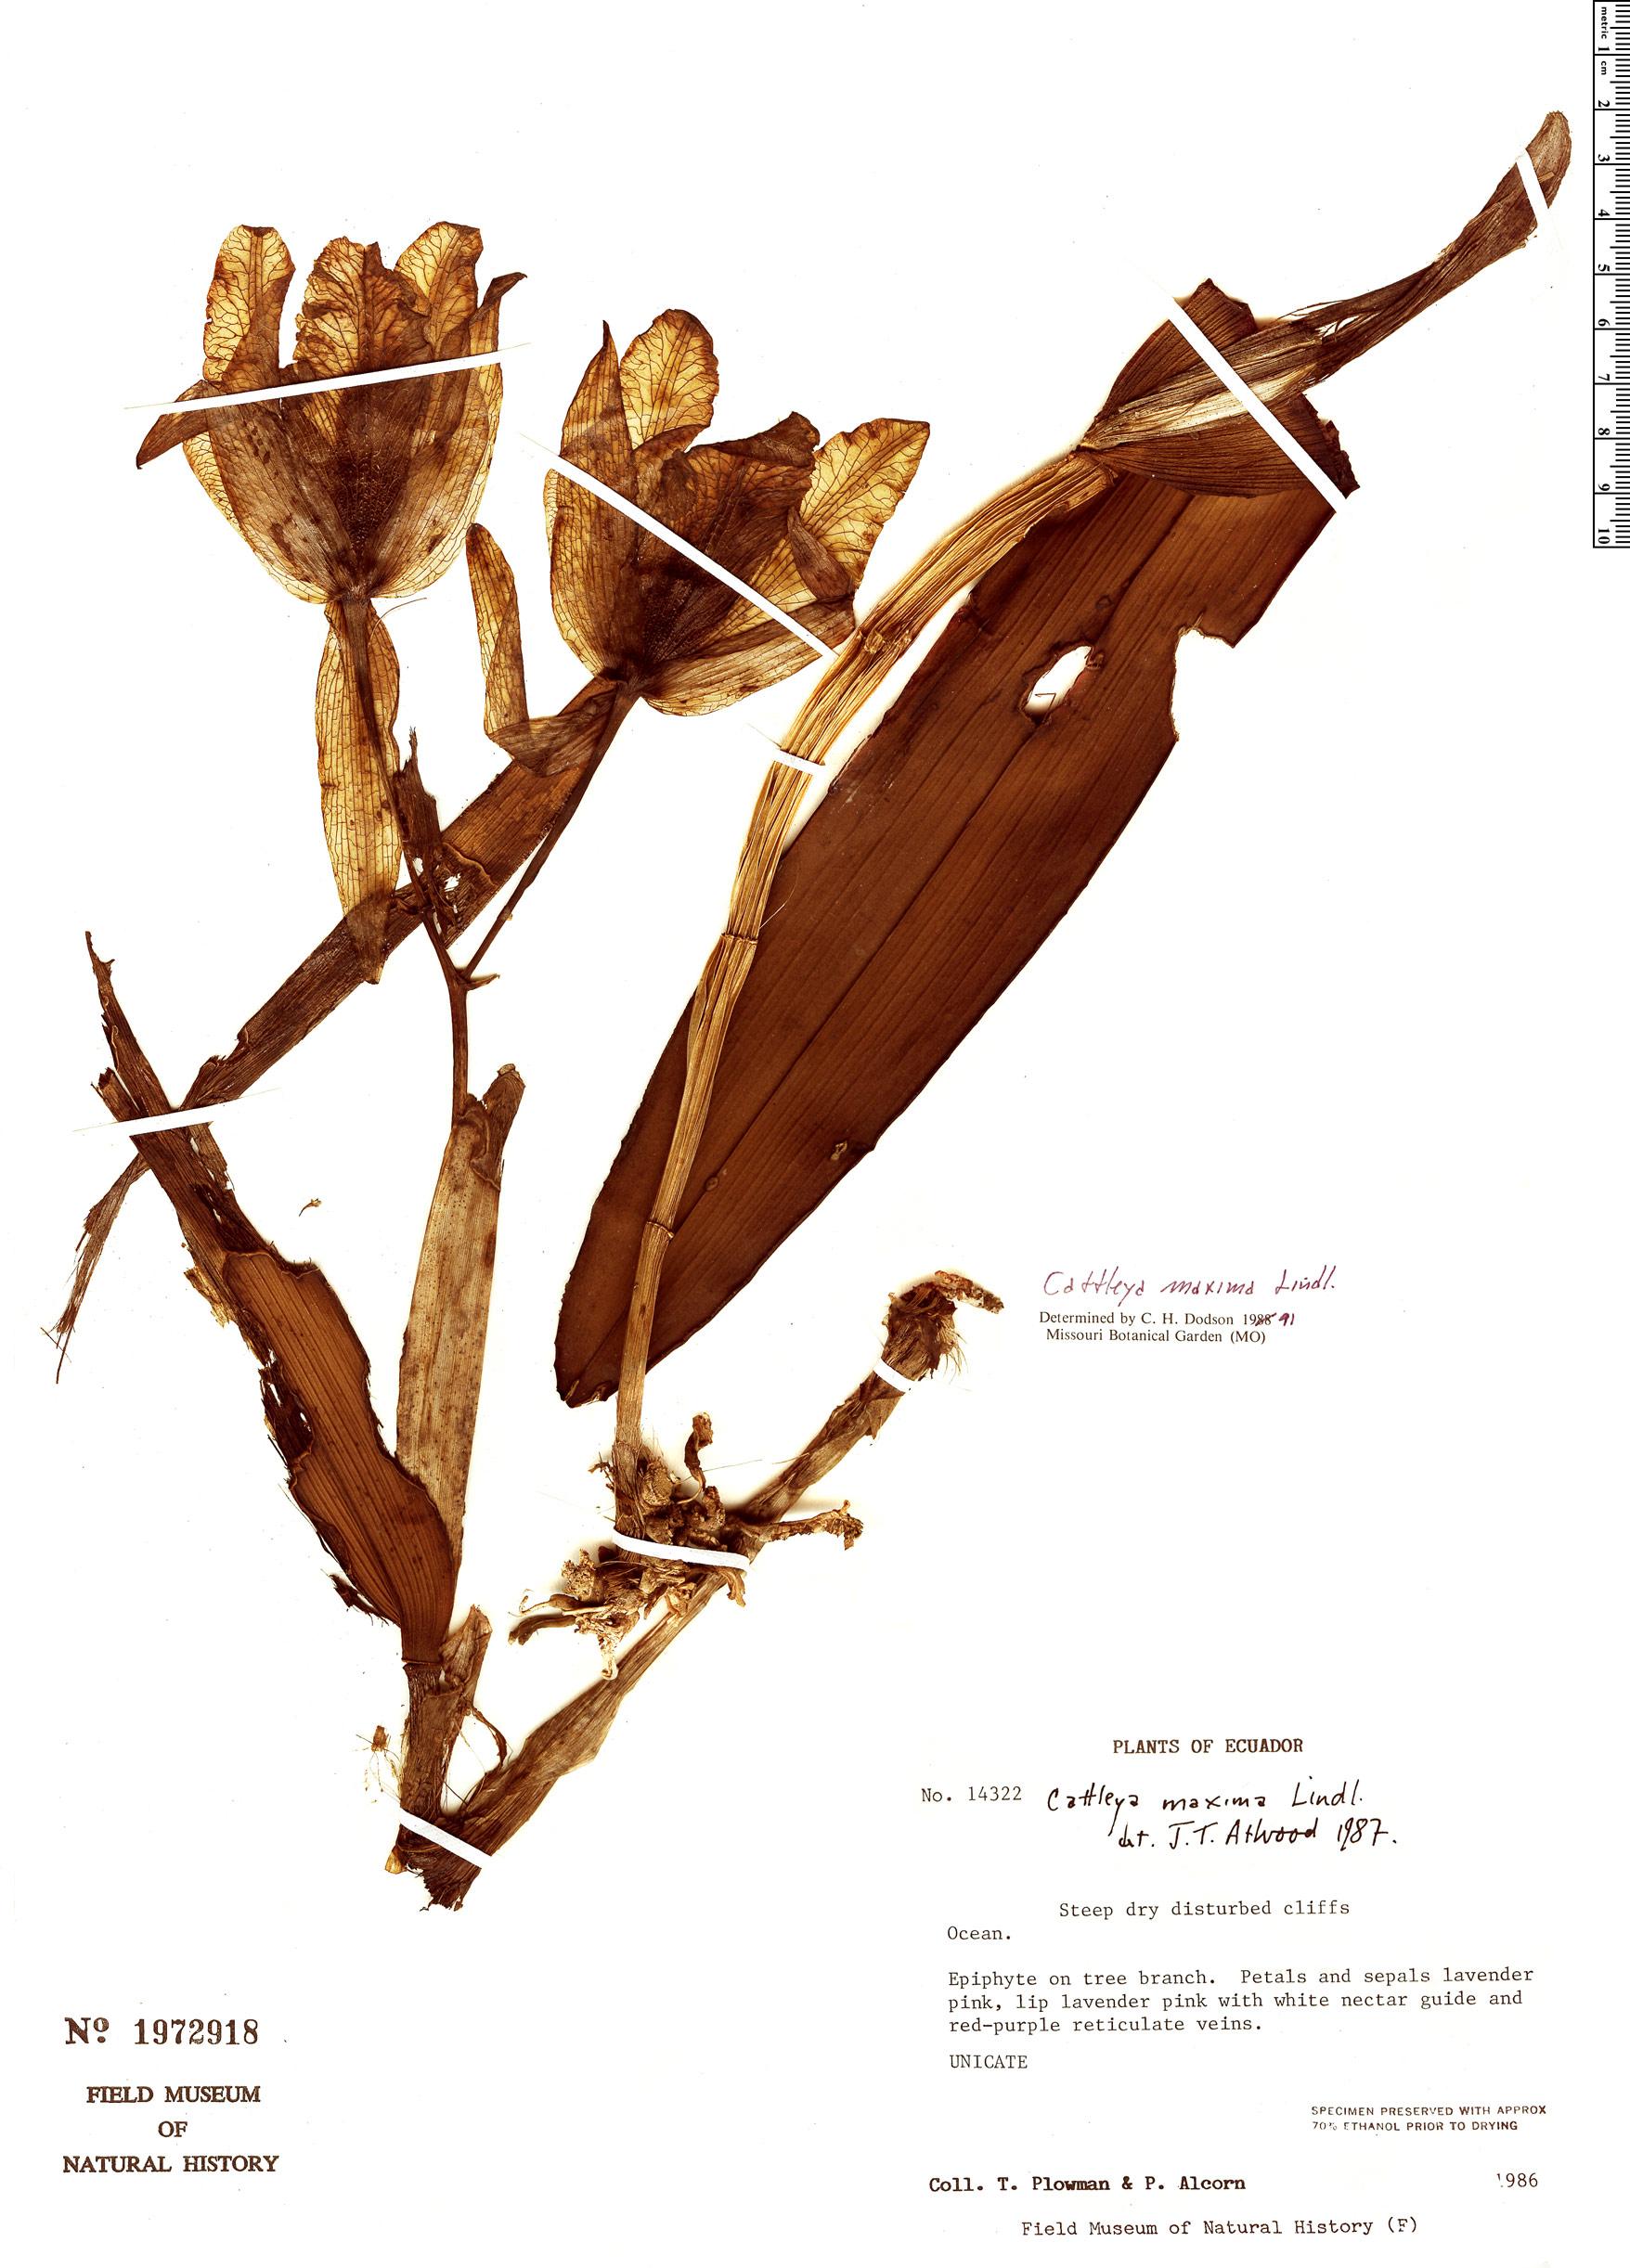 Specimen: Cattleya maxima